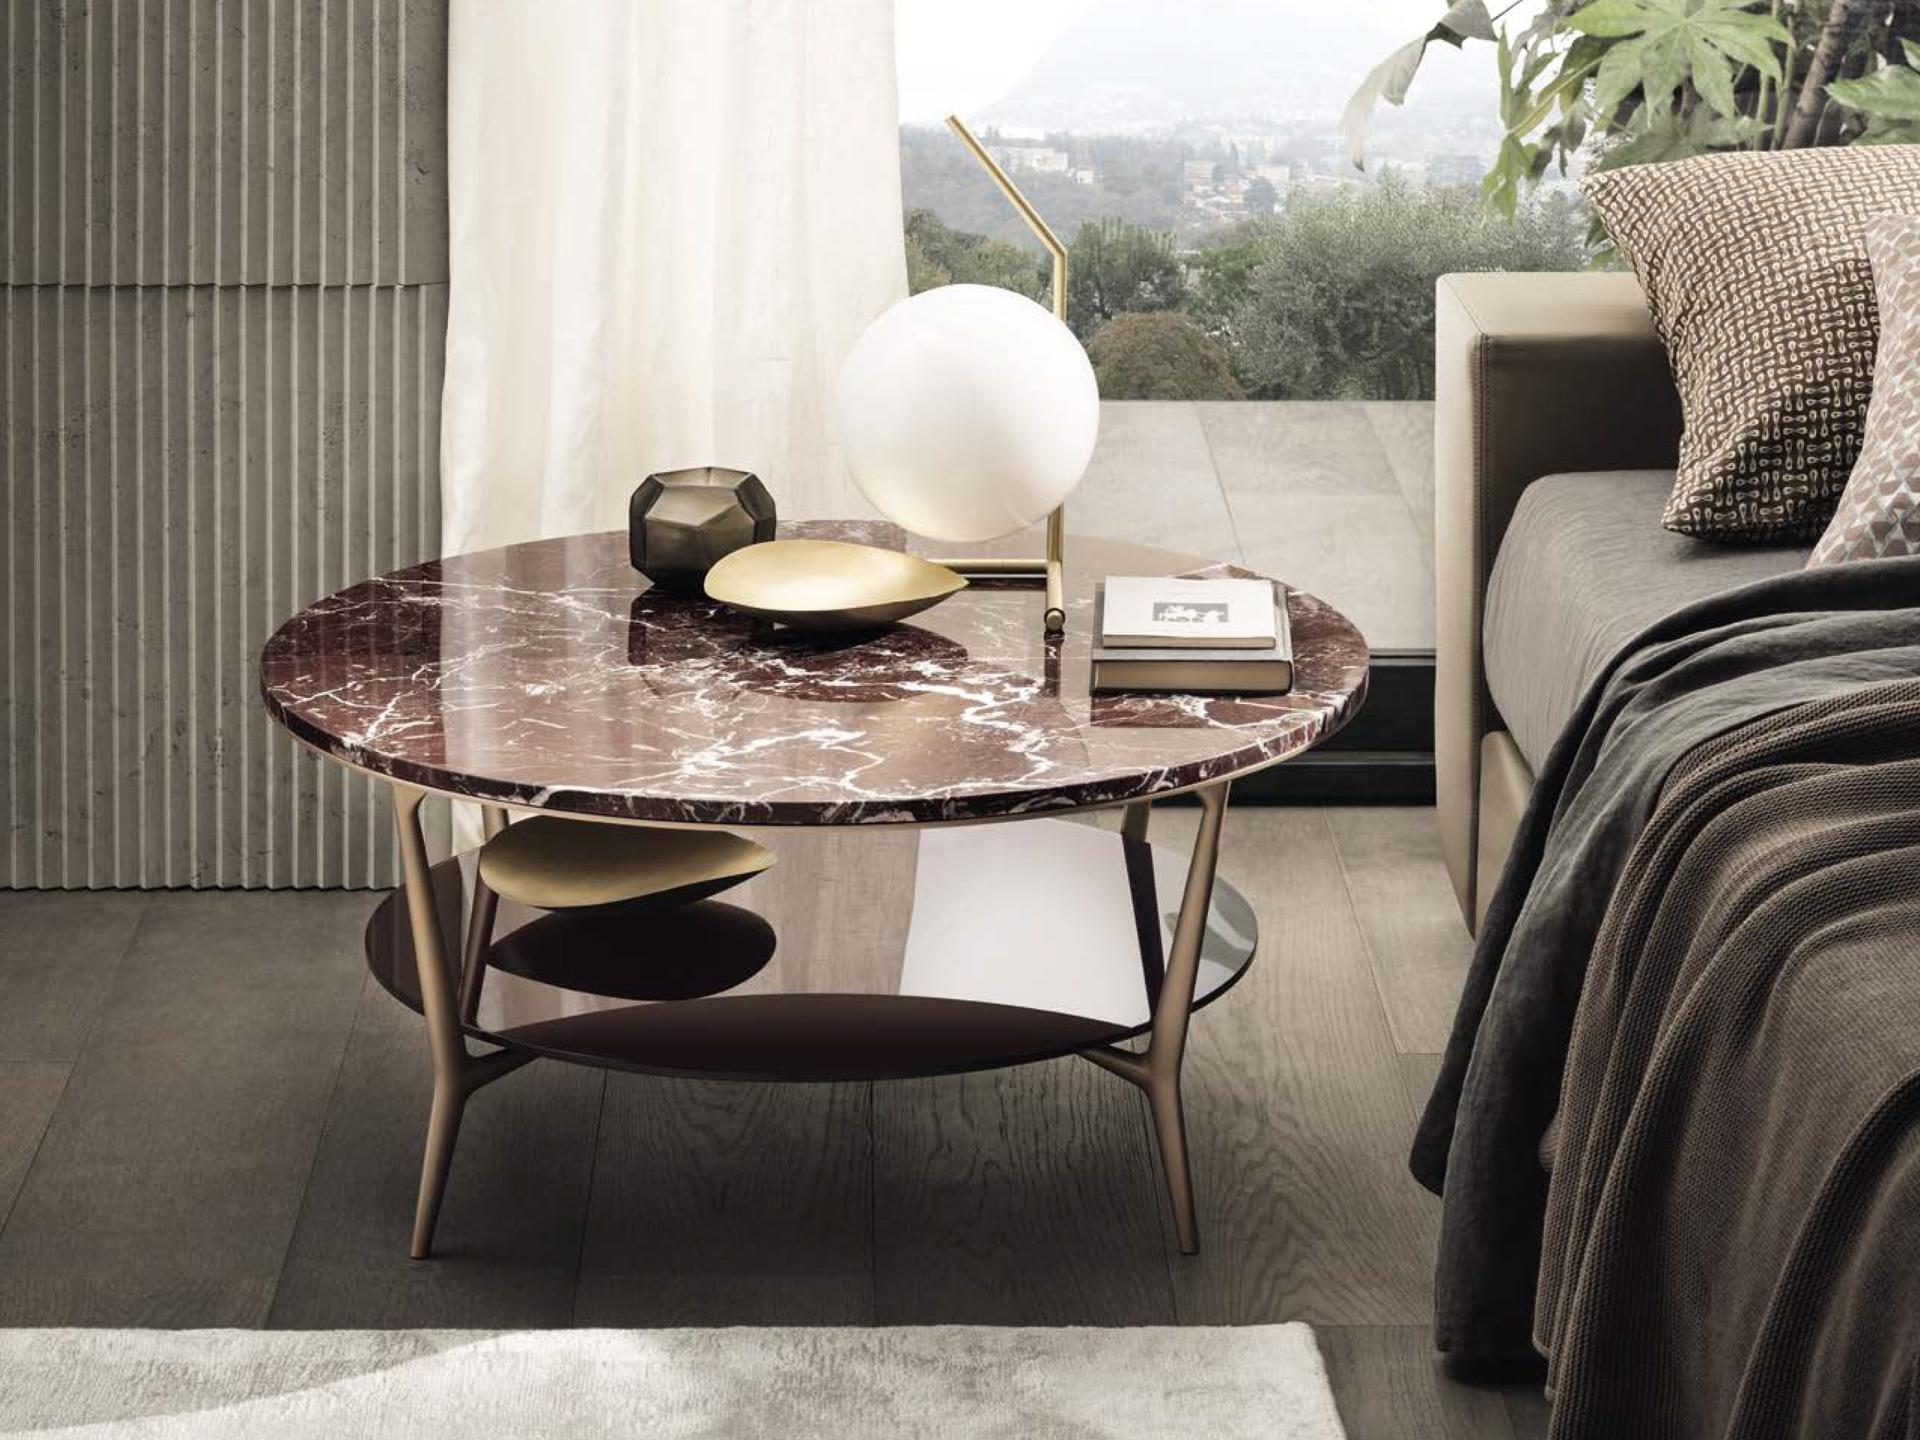 table basse rimadesio planet contemporaine par Intérieur Littoz sur annecy